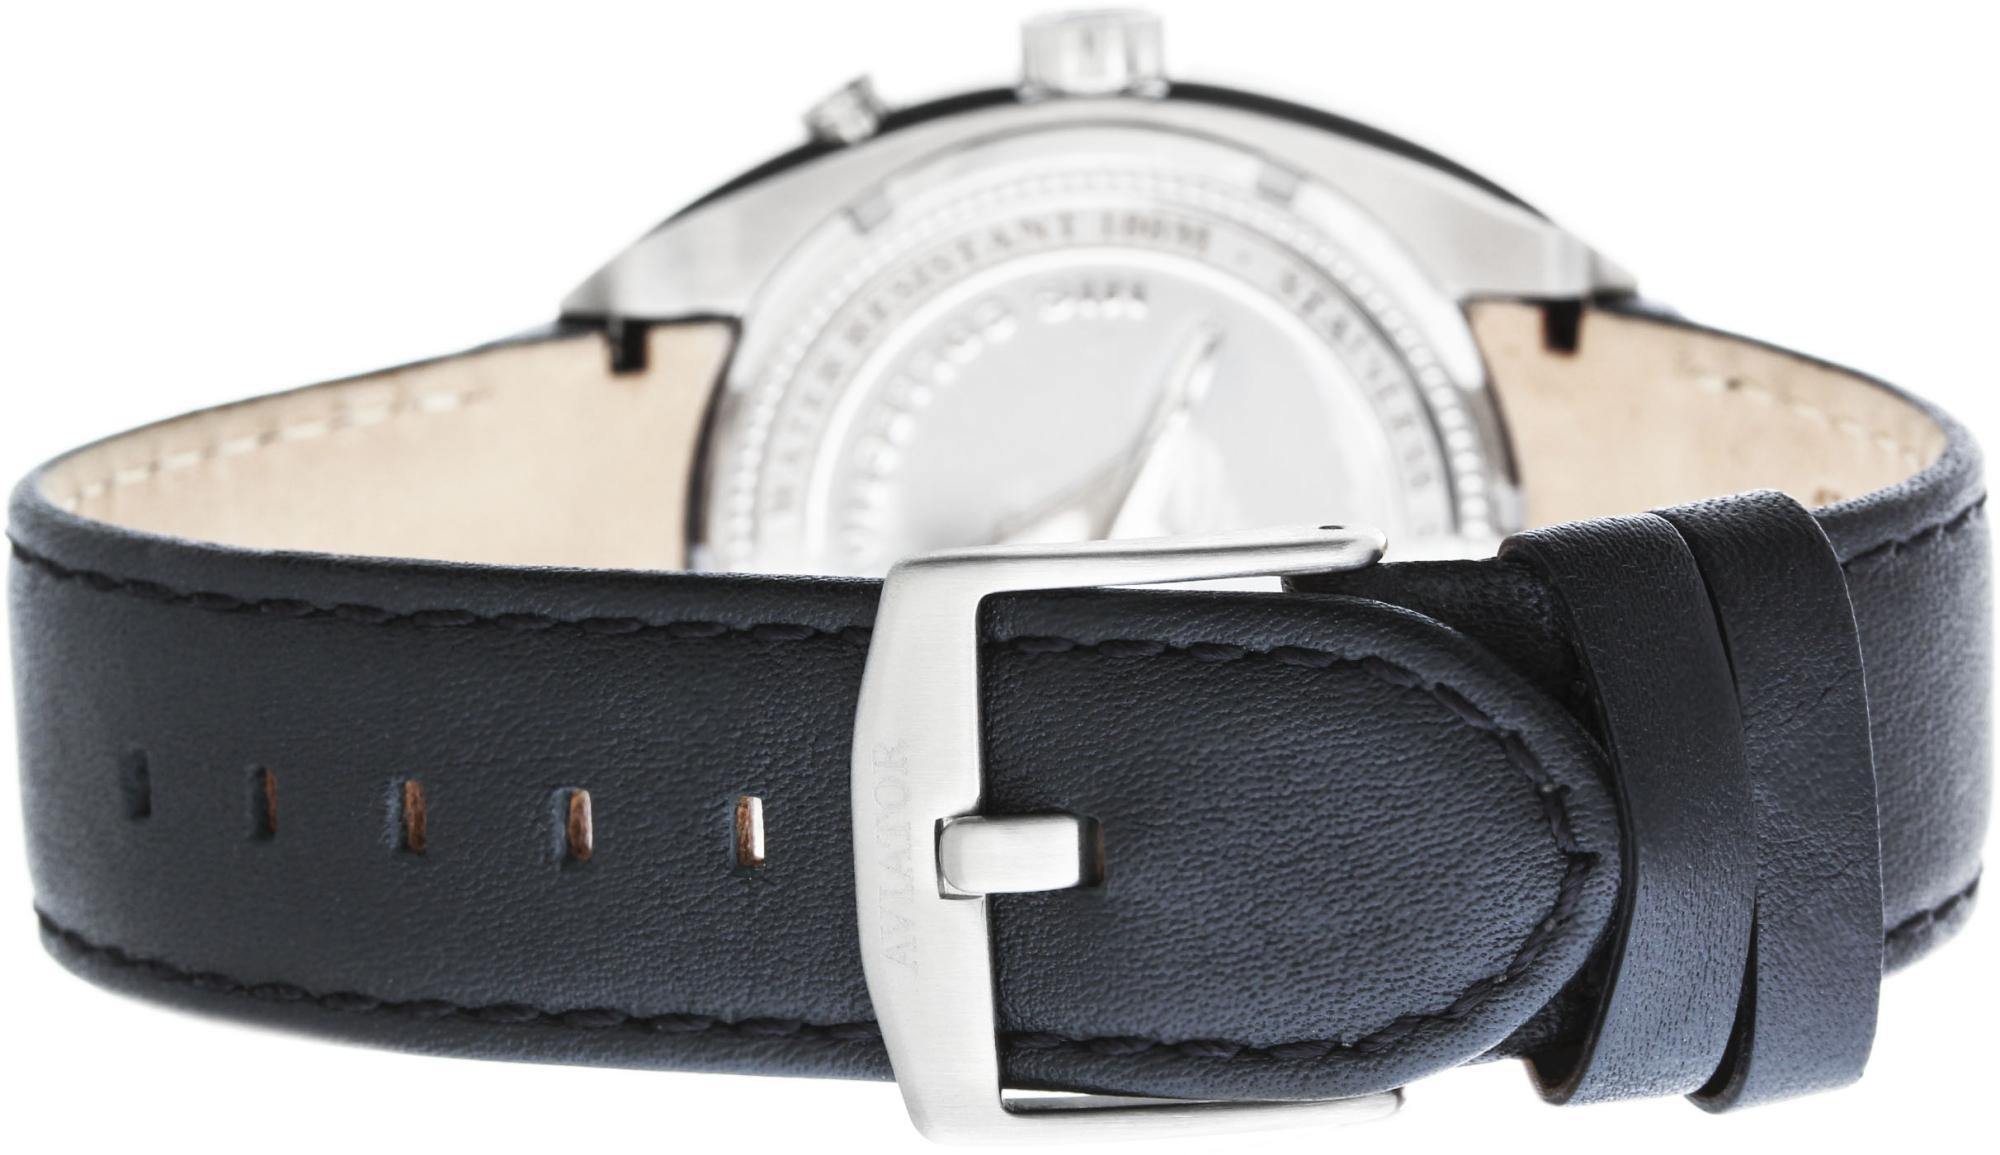 Aviator MIG-21 Fishbed M.1.14.0.087.4Наручные часы<br>Швейцарские часы Aviator MIG-21 Fishbed M.1.14.0.087.4Часы принадежат коллекции MIG-21 Fishbed. Это настоящие Мужские часы. Материал корпуса часов — Сталь. Ремень — Кожа. В этой модели стоит Сапфировое стекло. Водозащита этих часов 100 м.<br><br>Пол: Мужские<br>Страна-производитель: Швейцария<br>Механизм: Кварцевый<br>Материал корпуса: Сталь<br>Материал ремня/браслета: Кожа<br>Водозащита, диапазон: 100 - 150 м<br>Стекло: Сапфировое<br>Толщина корпуса: None<br>Стиль: None